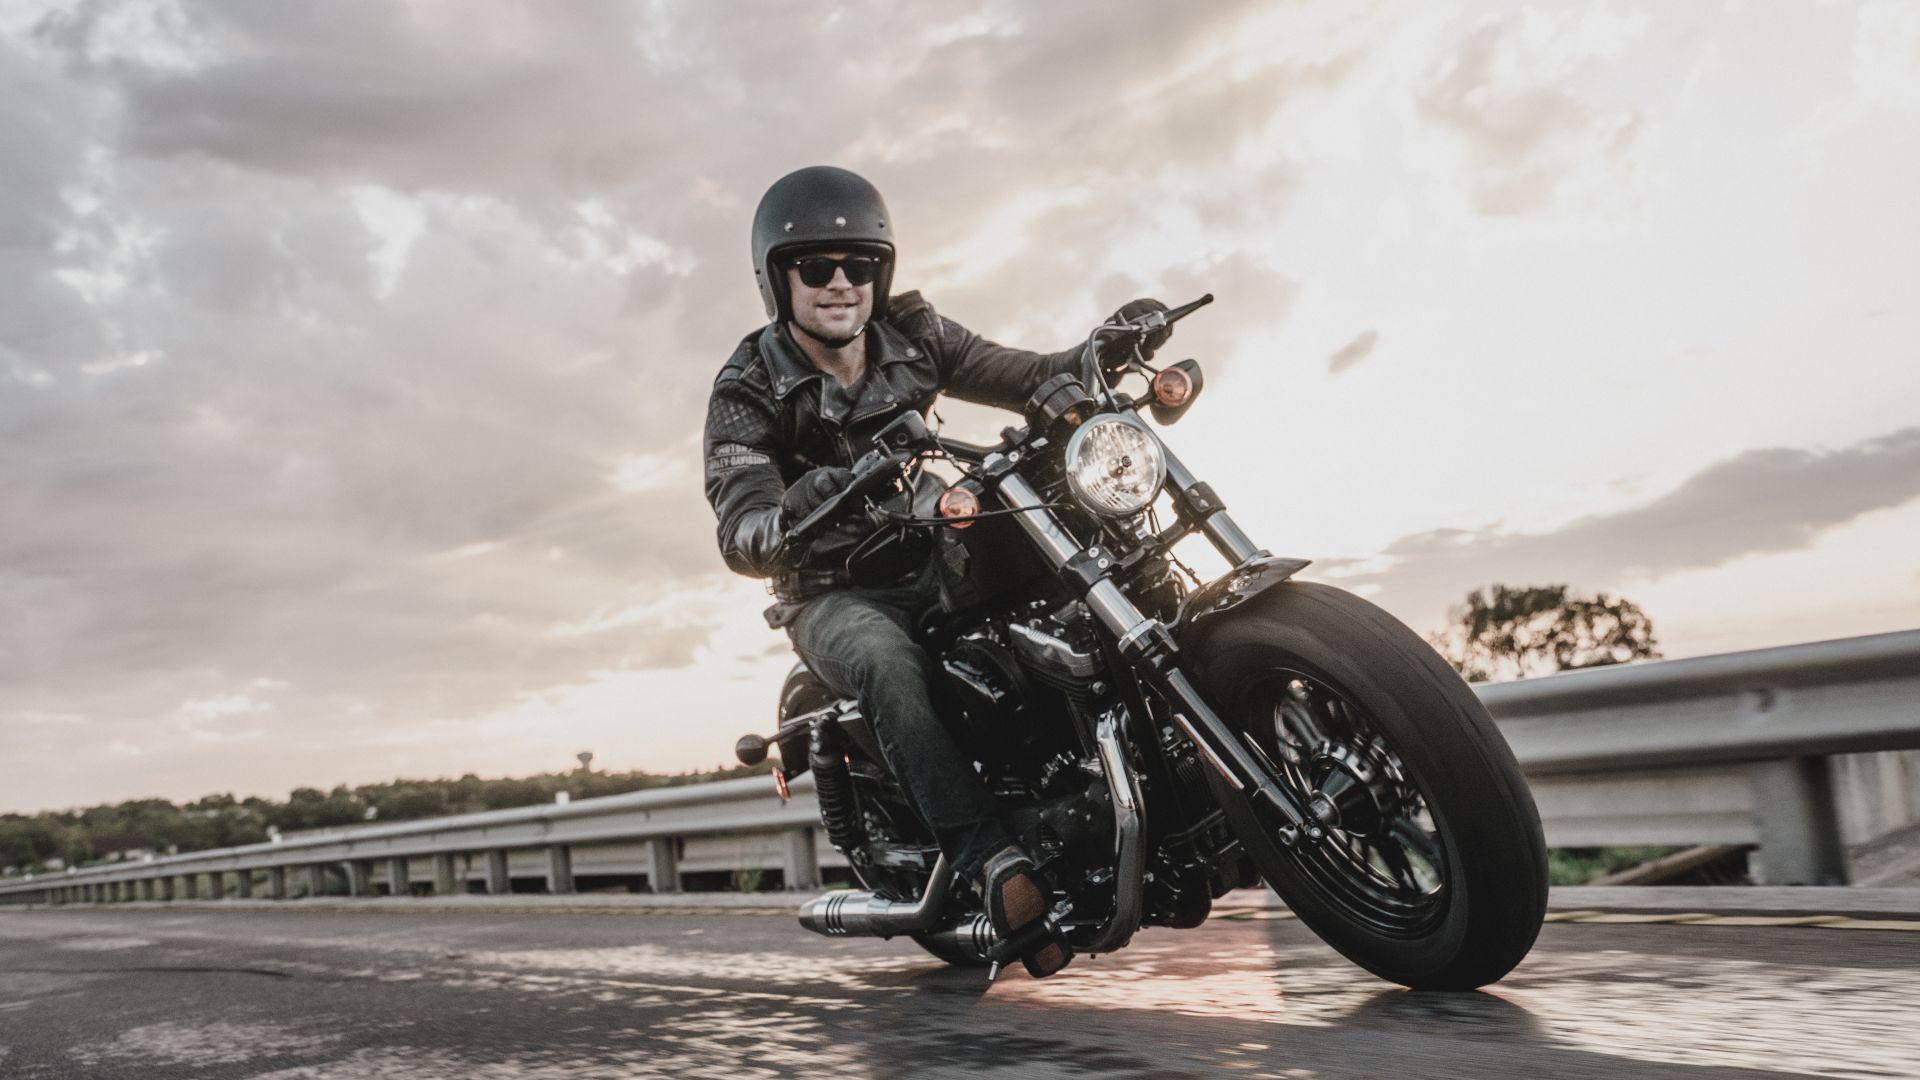 Wallpaper Harley Davidson Iron 883, Black, Bike Year 2016